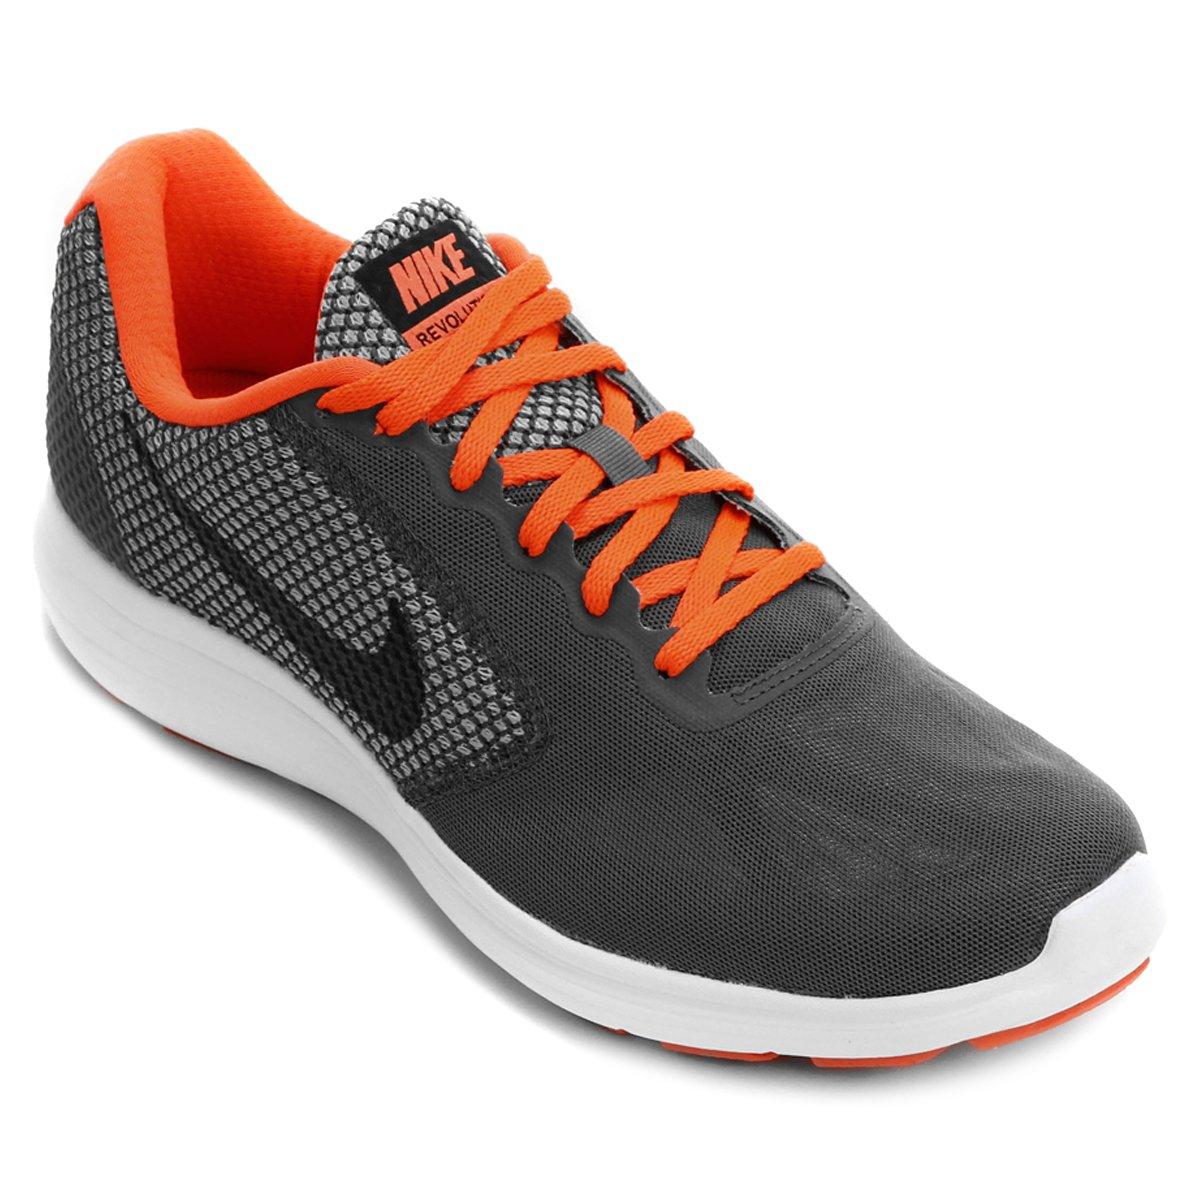 Tênis Nike Revolution 3 Masculino - Compre Agora  3e780de9139bf